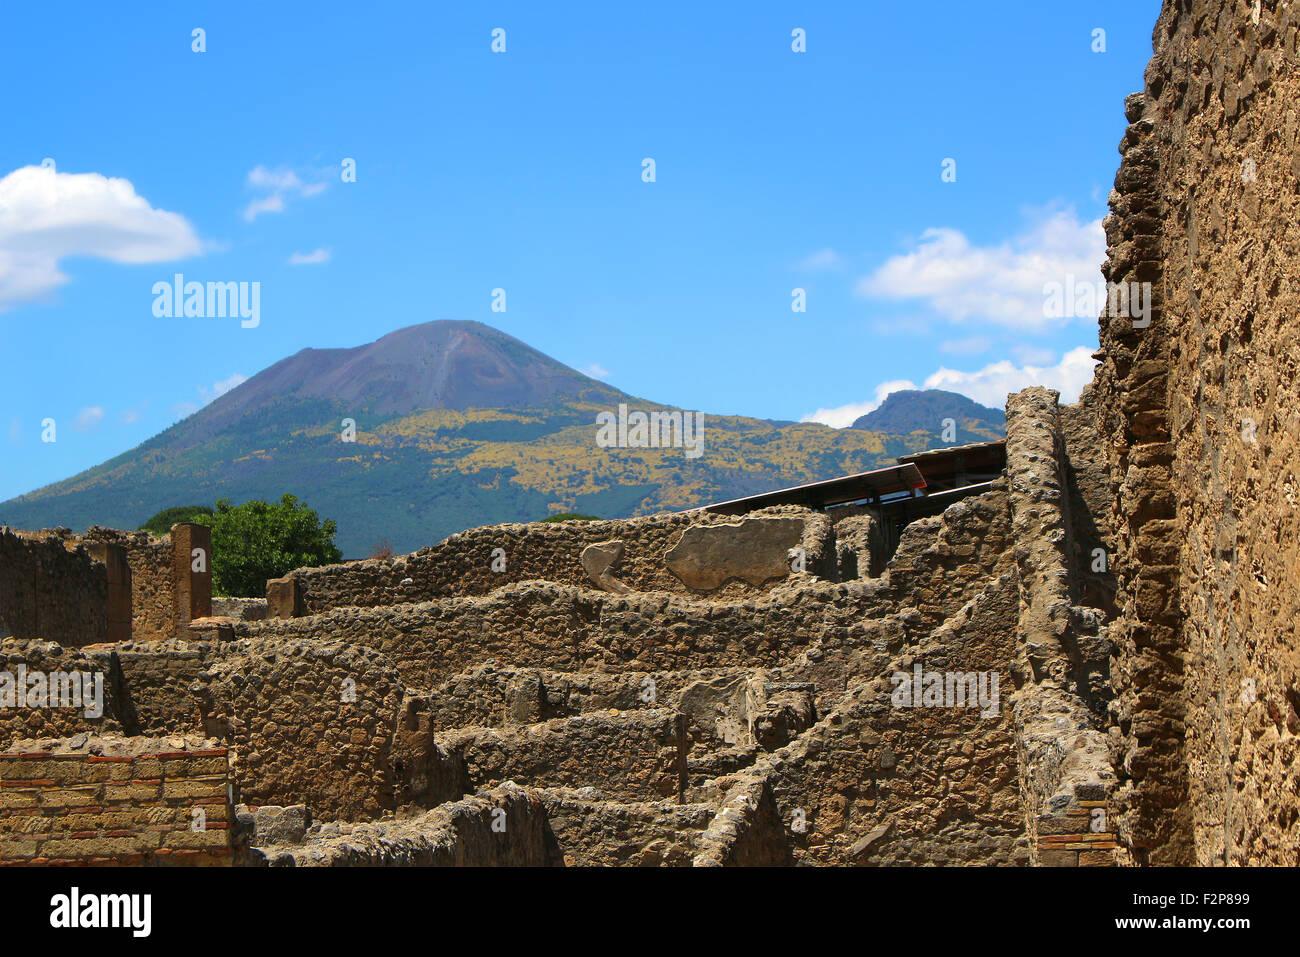 Vue des ruines de la vieille ville de Pompéi, en Italie avec le Vésuve en arrière-plan Banque D'Images